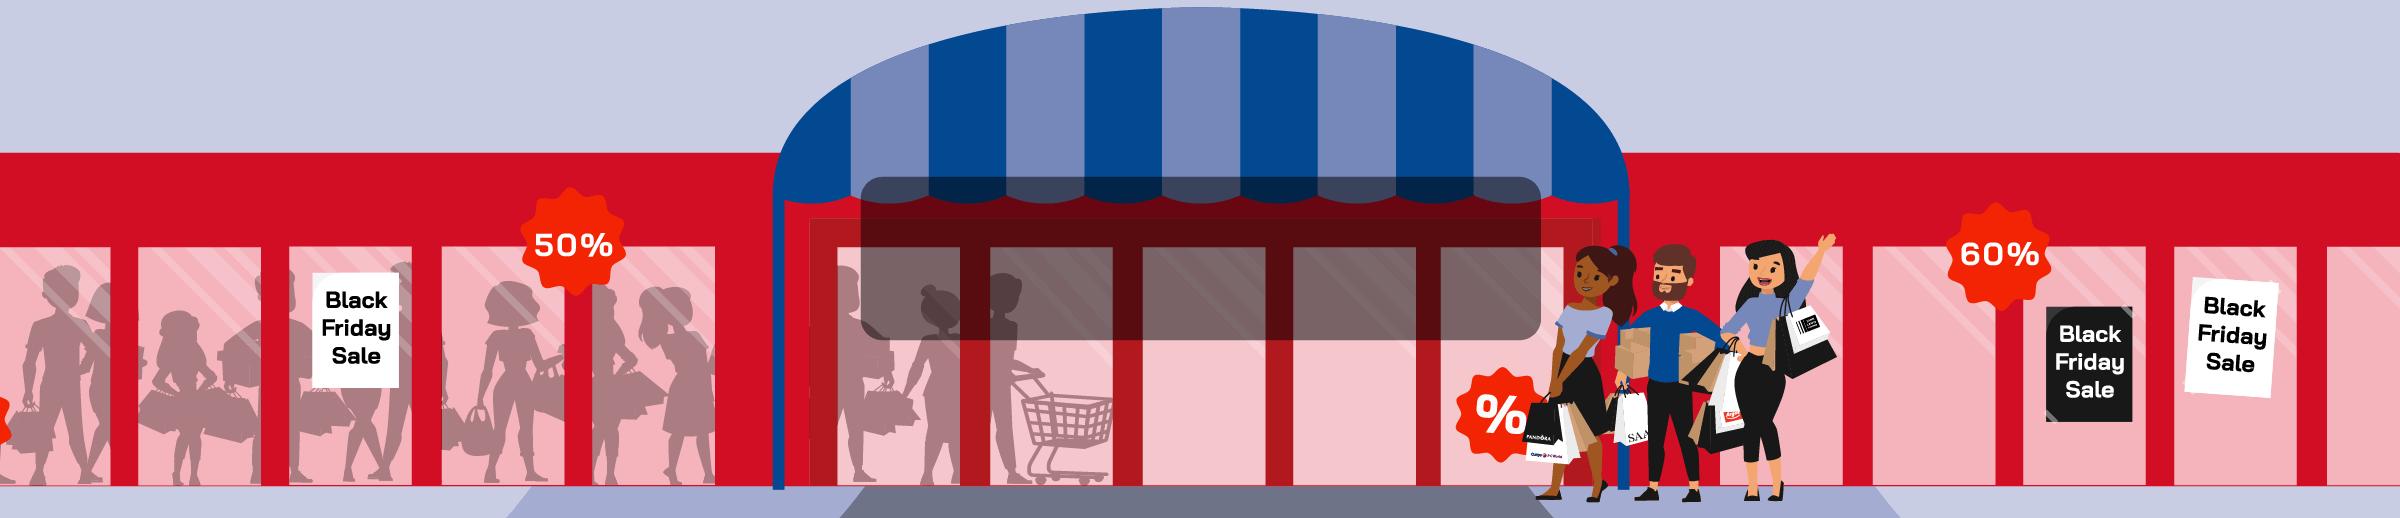 Black Friday shops UK